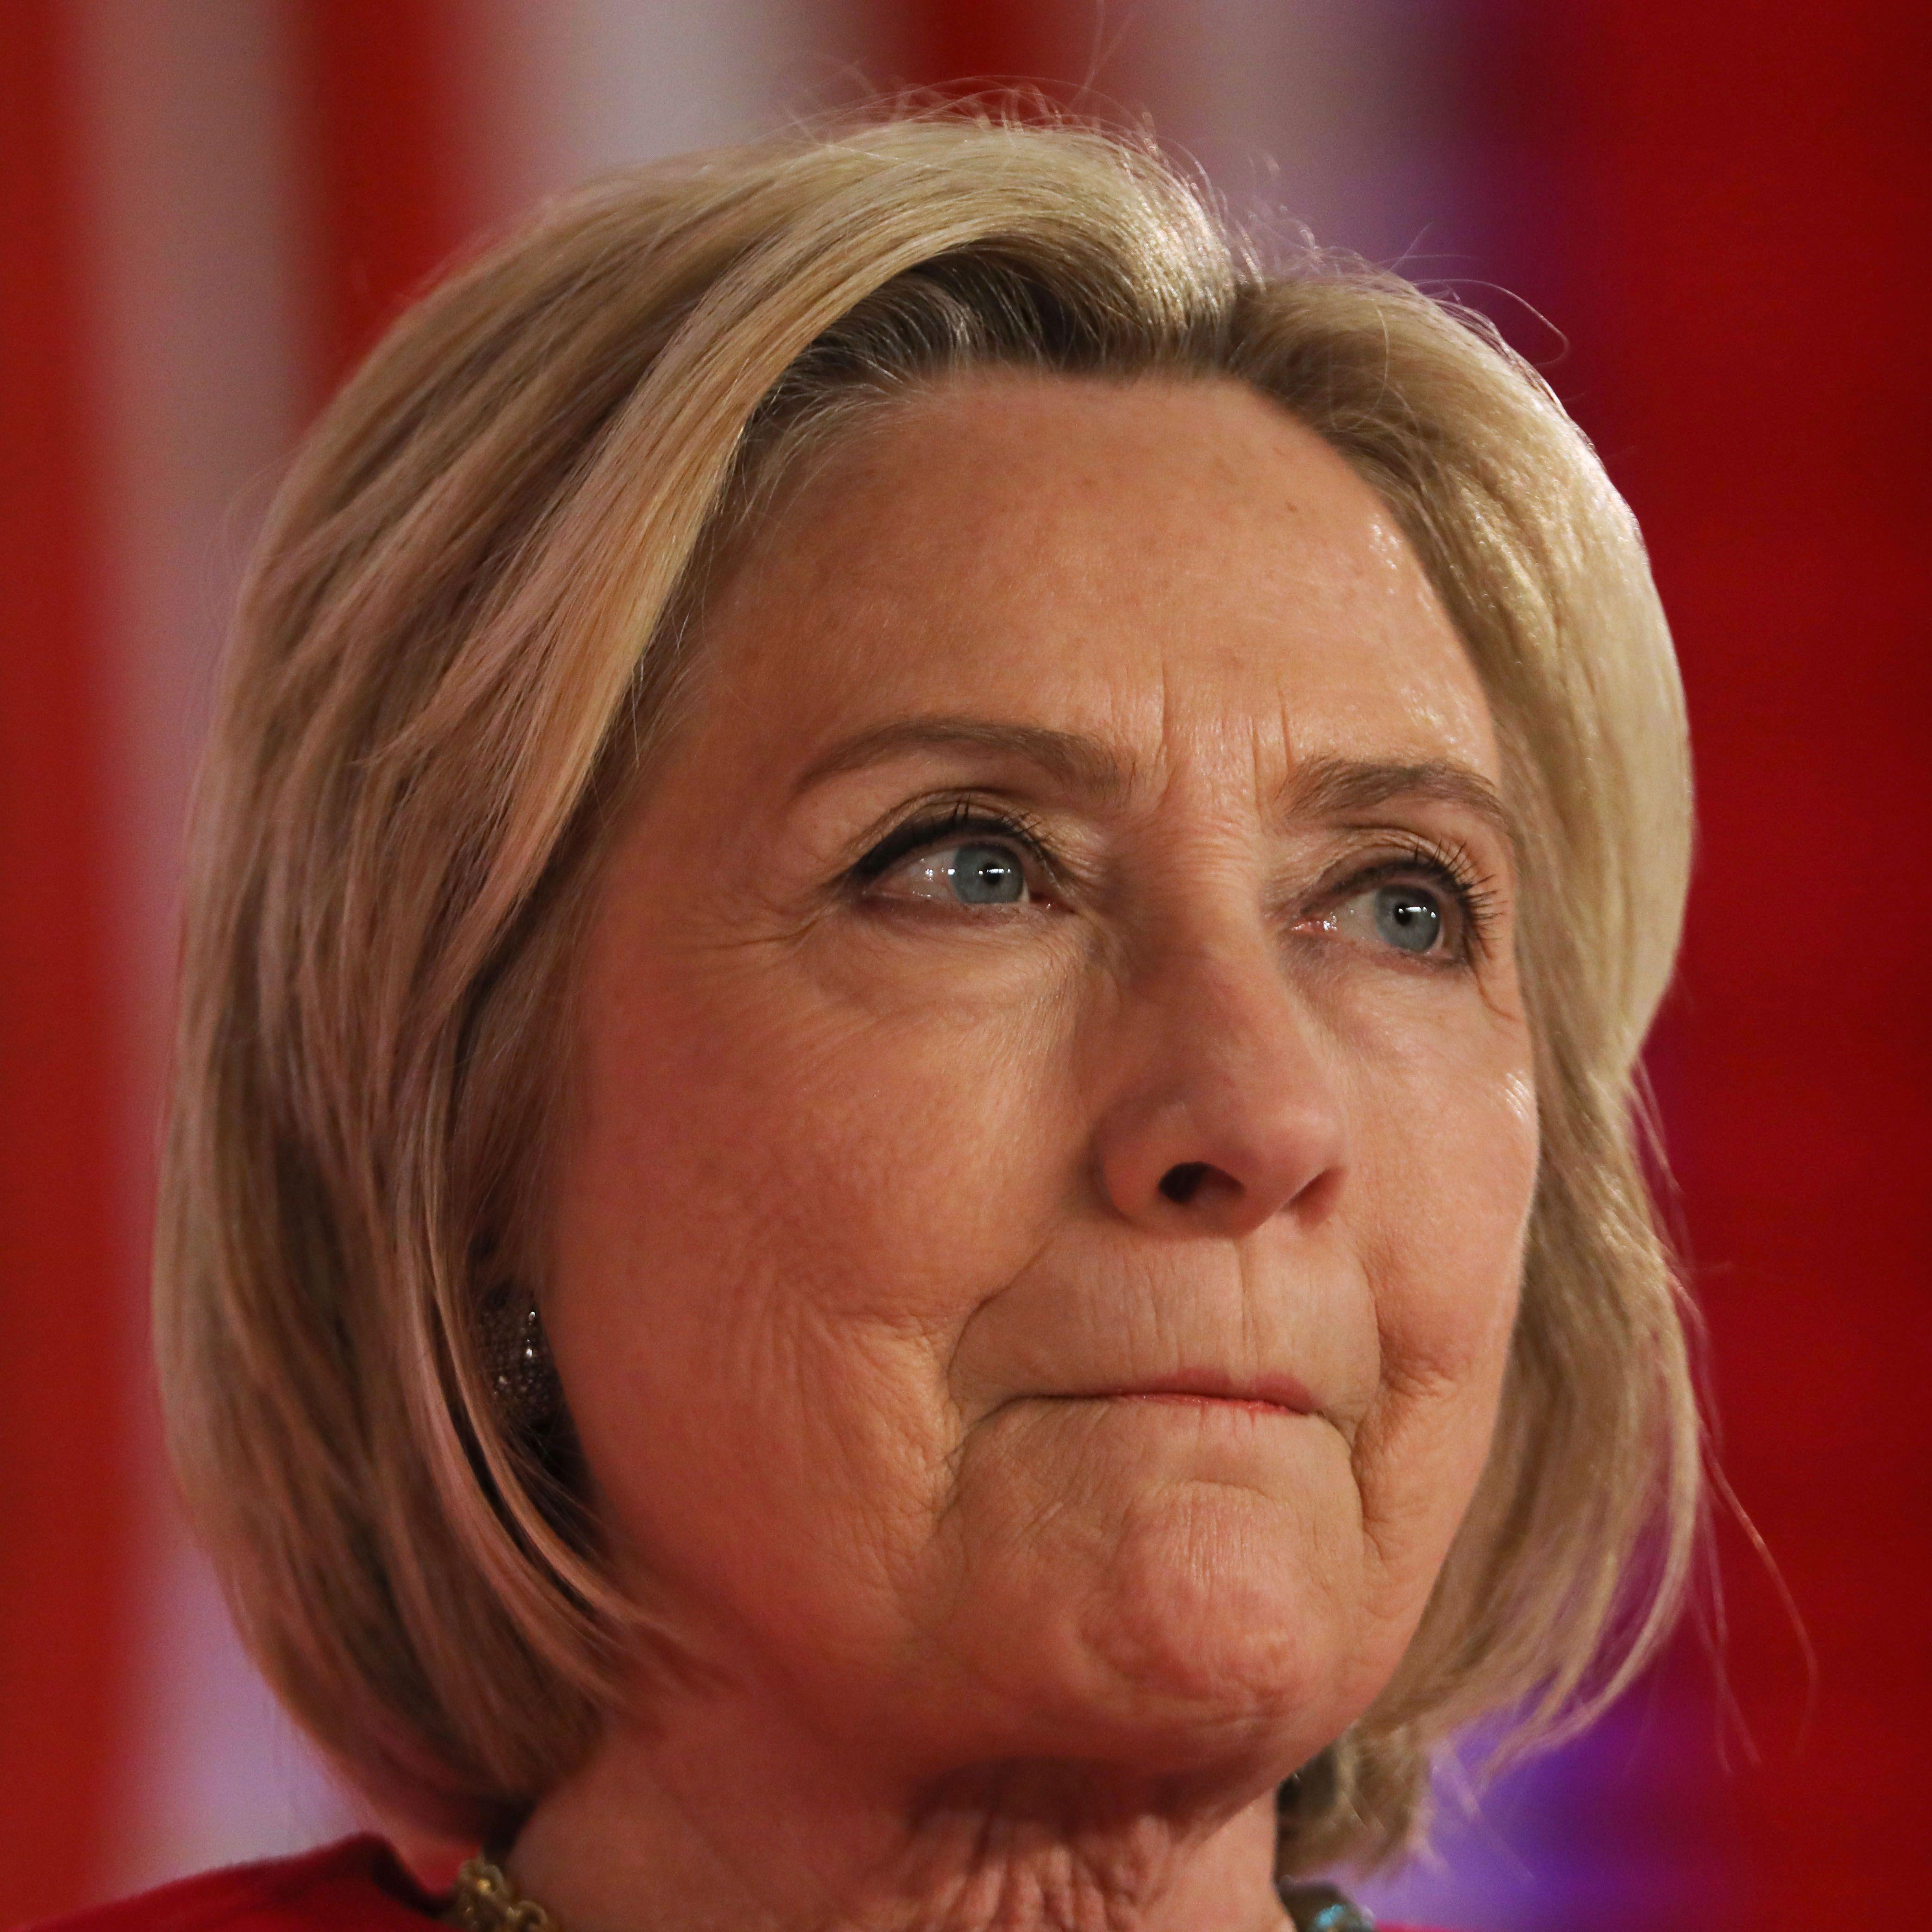 C'è un motivo emozionale, anzi molti, per cui Hillary Clinton ha preso le difese di Meghan Markle